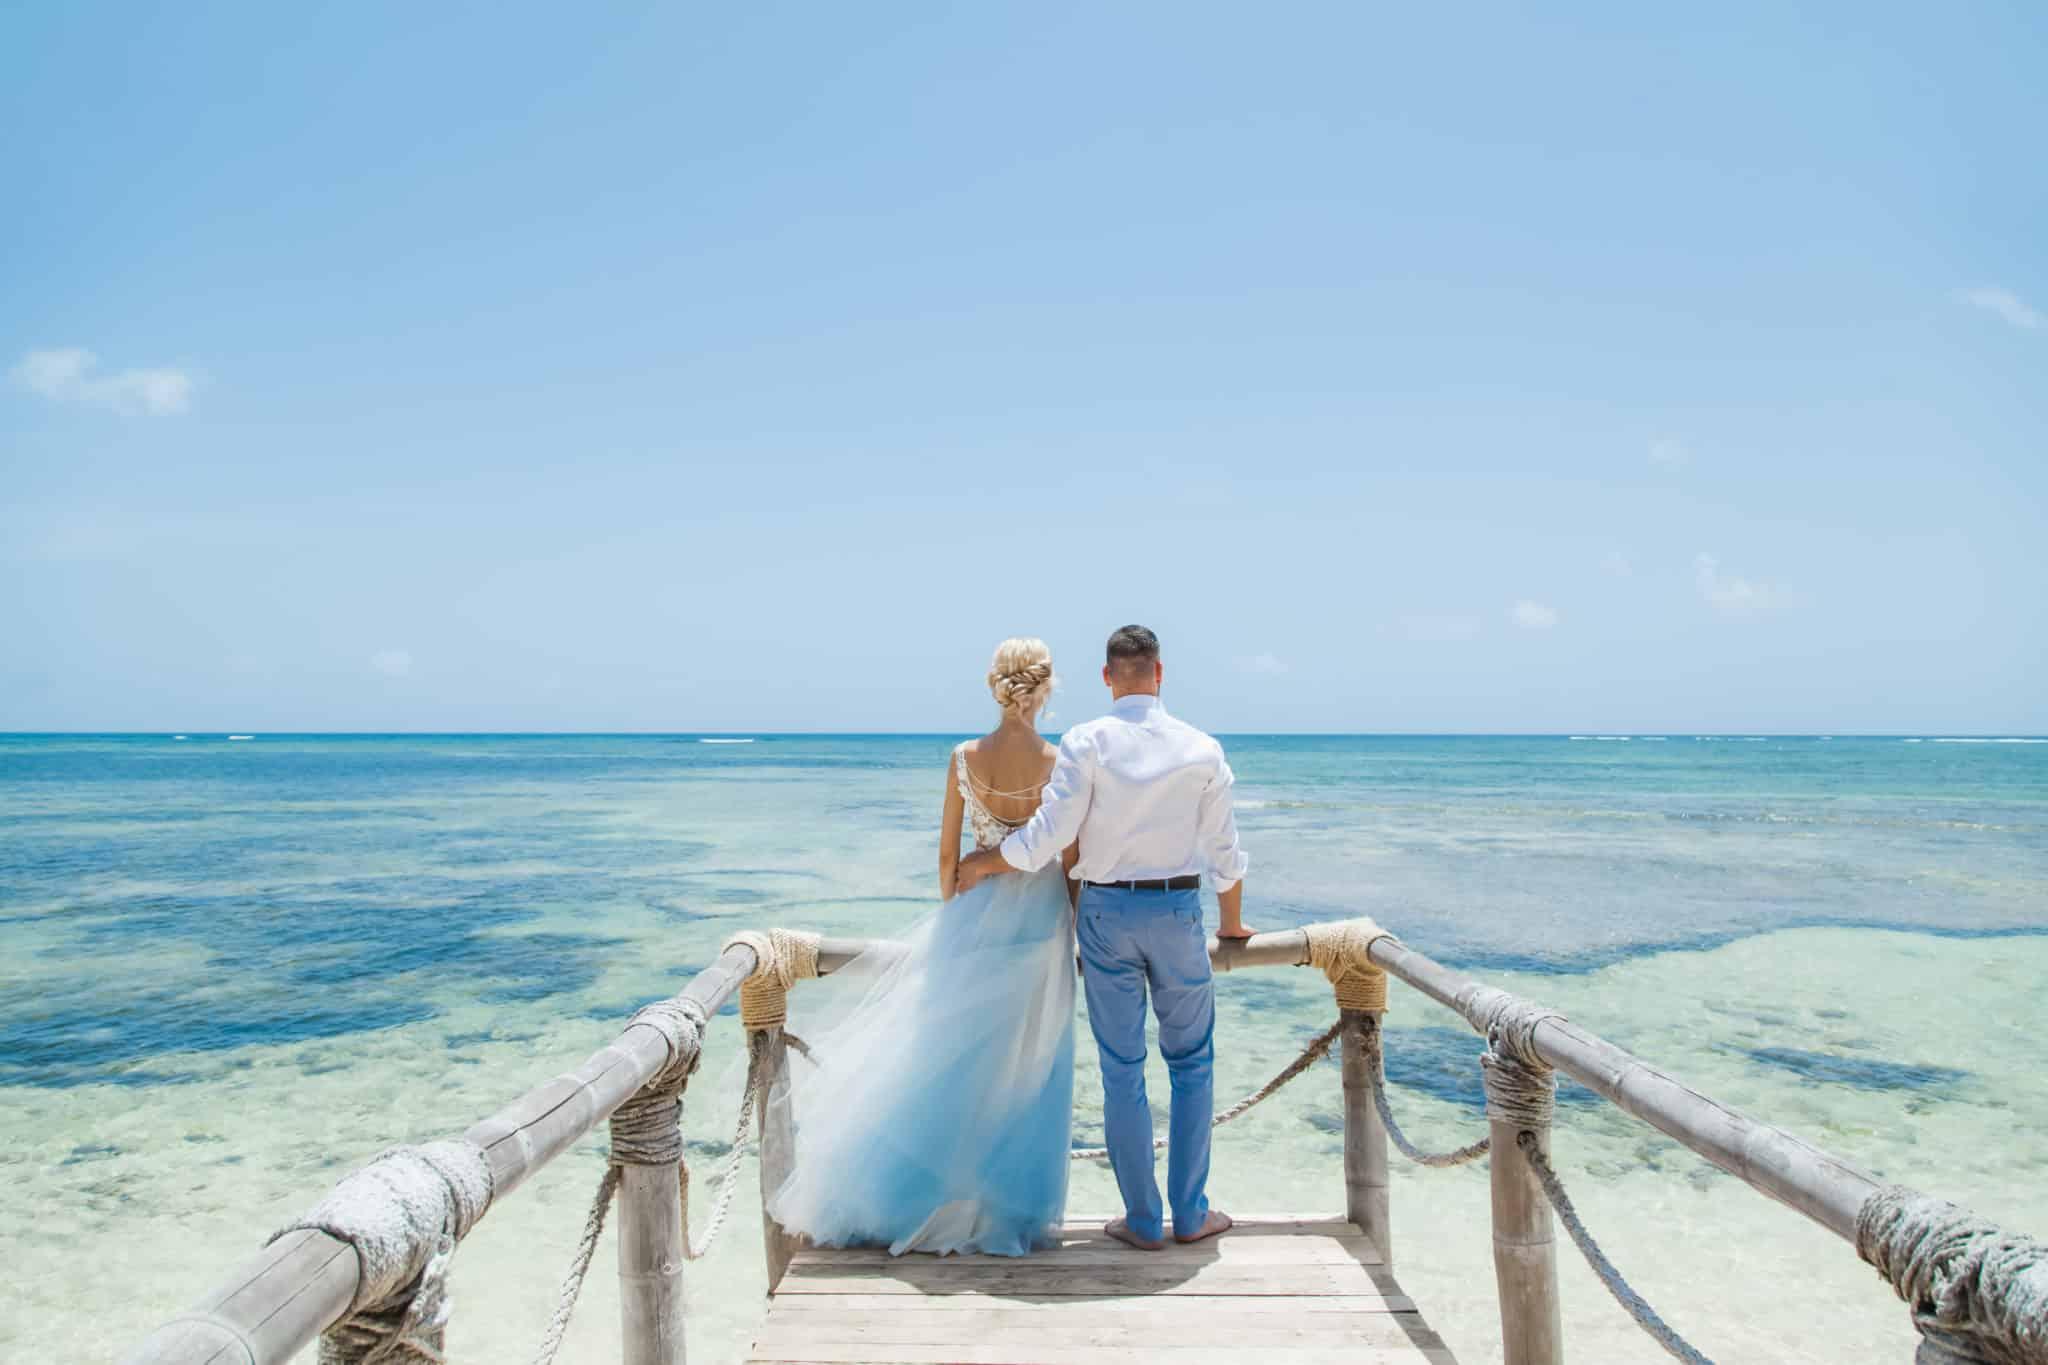 フィリピンでの結婚式   国際結婚のカップル